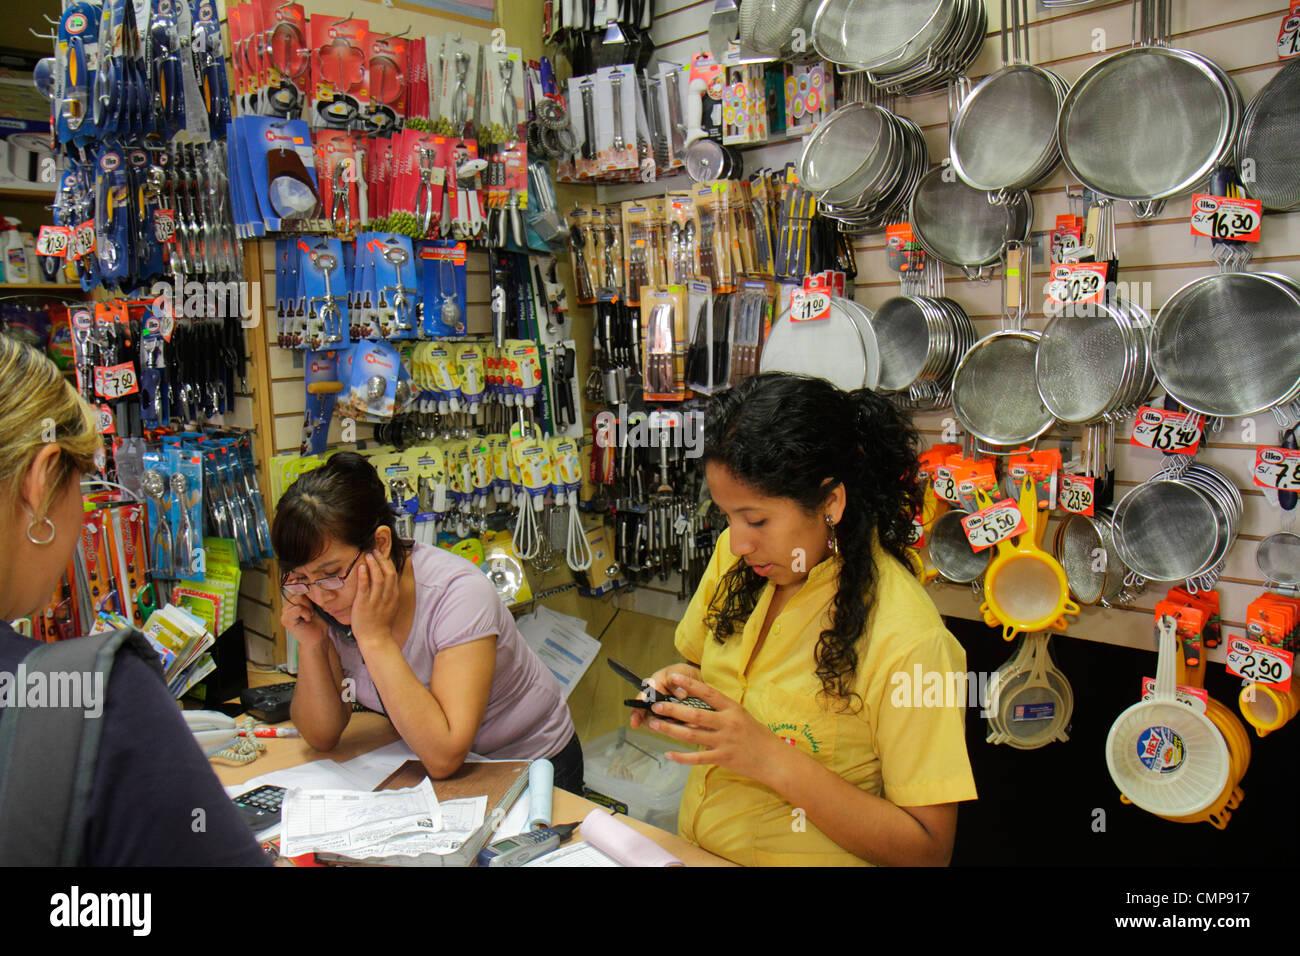 Lima Peru Surquillo Mercado de Surquillo Flohmarkt Stall Geschäft einkaufen Kochen Küche Utensil Tool Stockbild